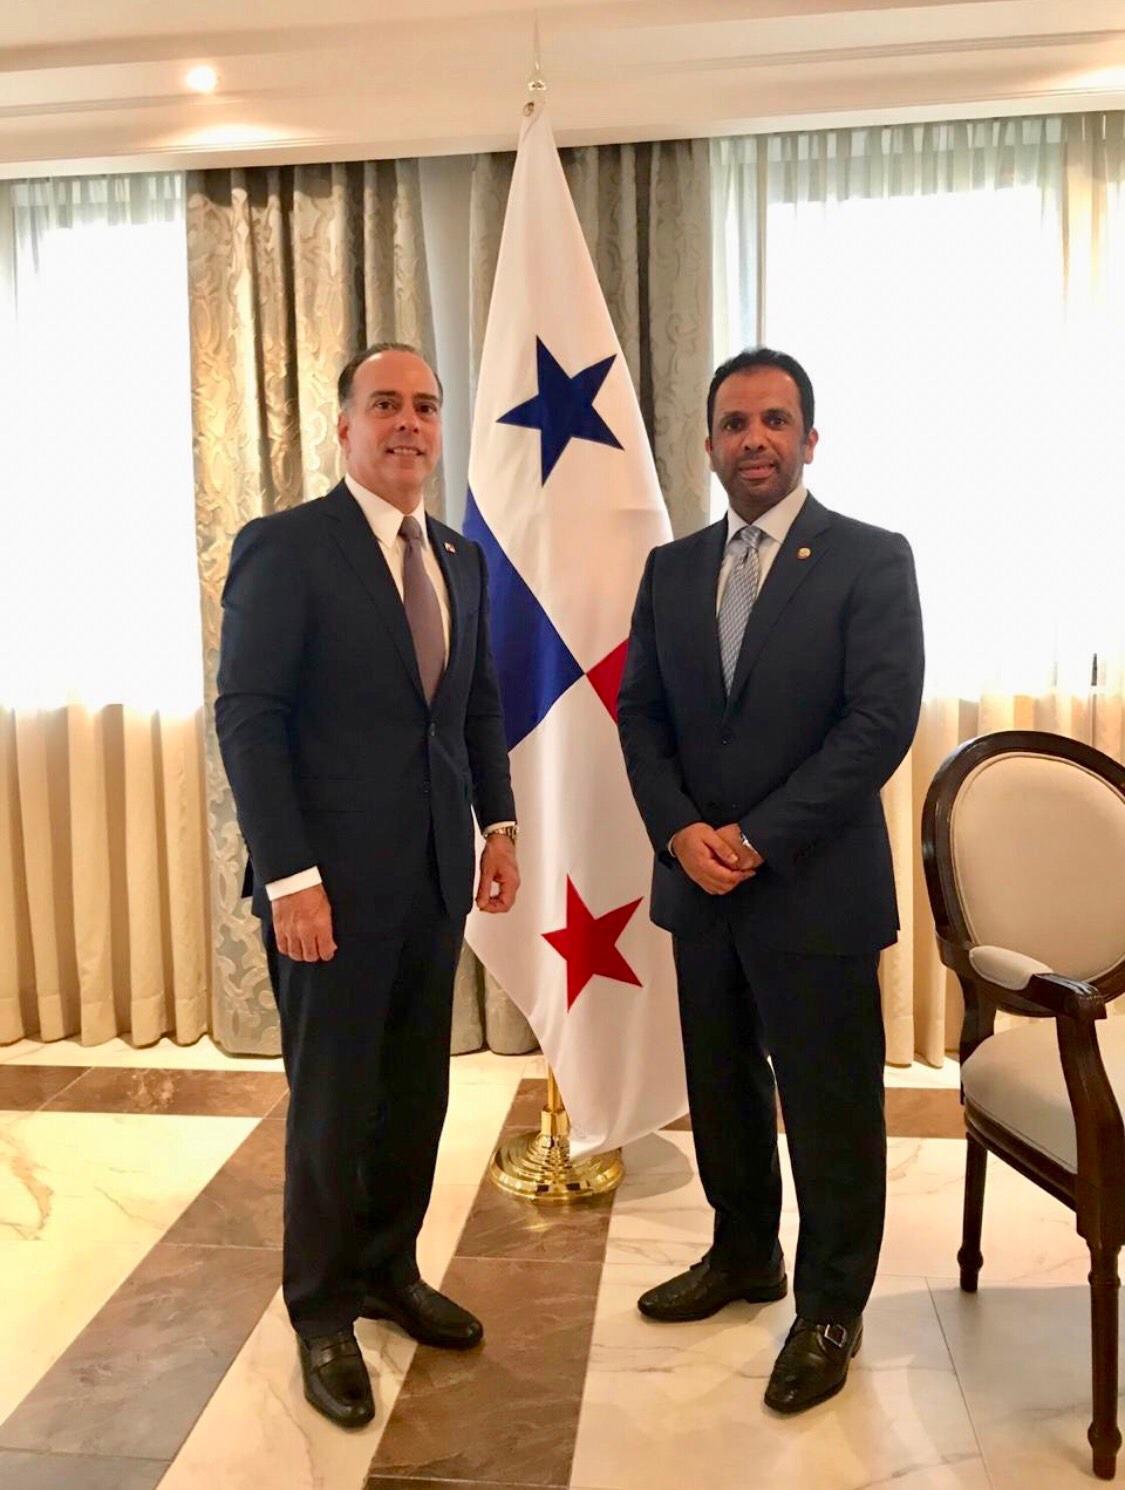 رسالتان من نائب رئيس مجلس الوزراء وزير الخارجية لوزير خارجية بنما